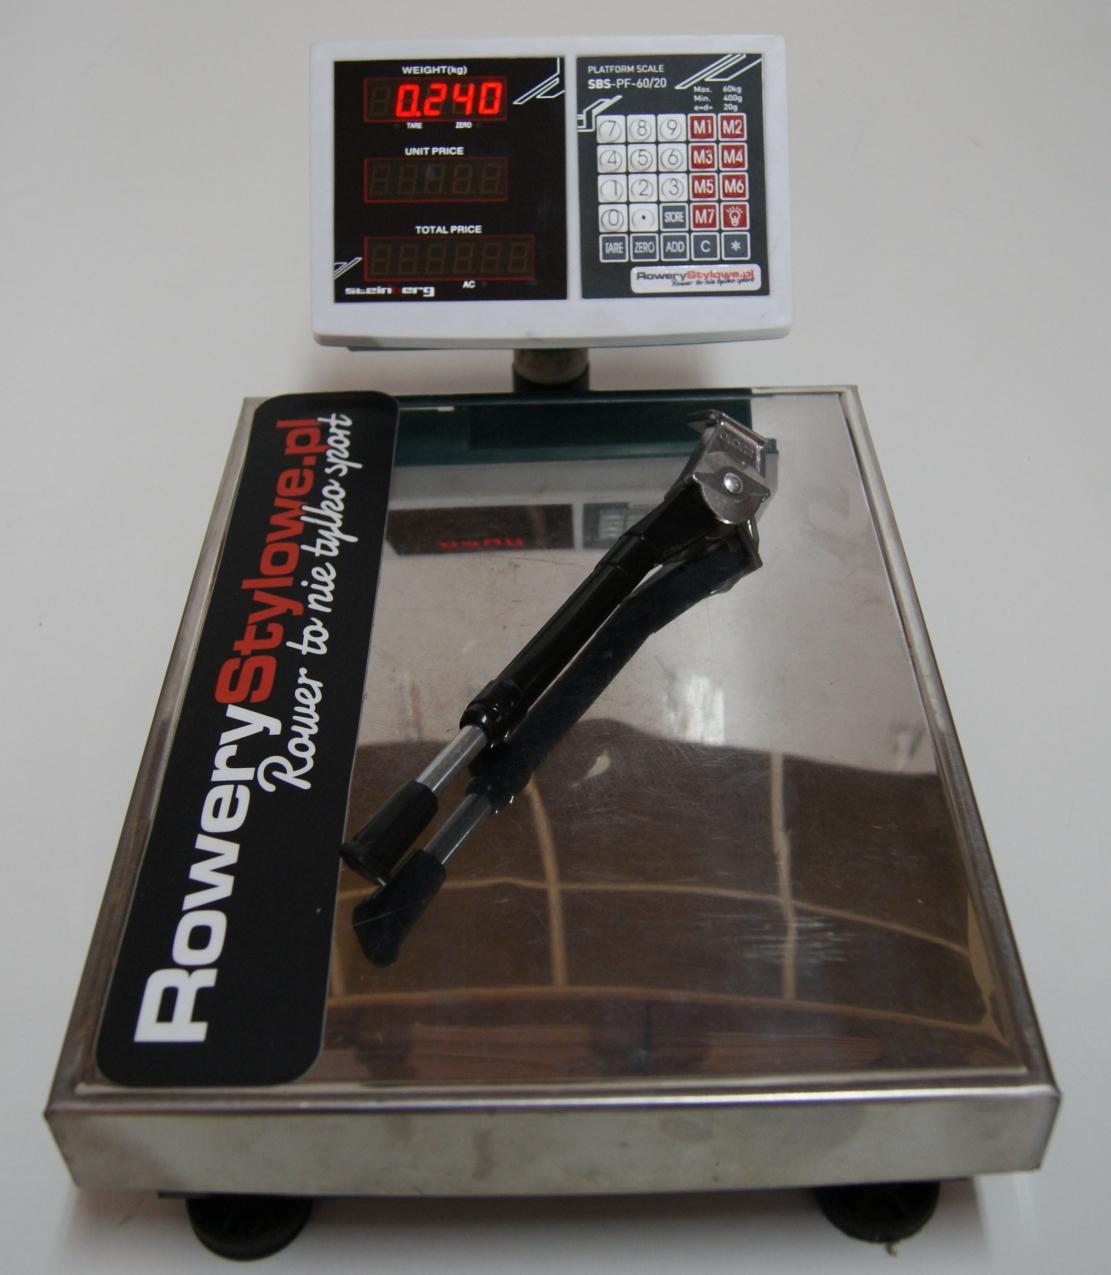 Nóżka rowerowa Olona 18-28 240 gram